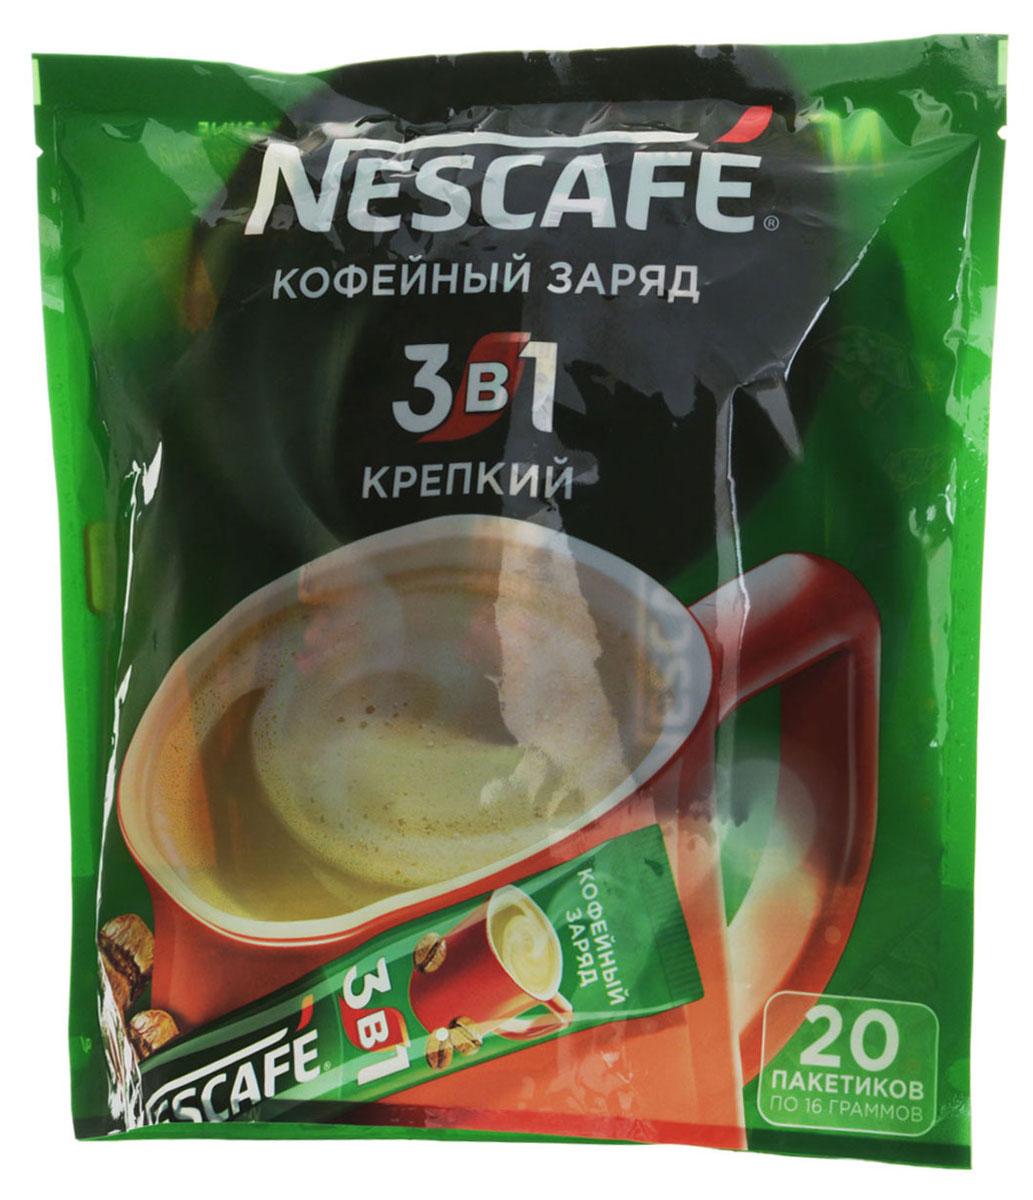 Nescafe 3 в 1 Крепкий кофе растворимый, 20 шт0120710Nescafe 3 в 1 Крепкий - кофейно-сливочный напиток, в состав которого входят высококачественные ингредиенты: кофе Nescafe, сахар, сливки растительного происхождения. Каждый пакетик Nescafe 3 в 1 подарит вамидеальное сочетание кофе, сливок, сахара!